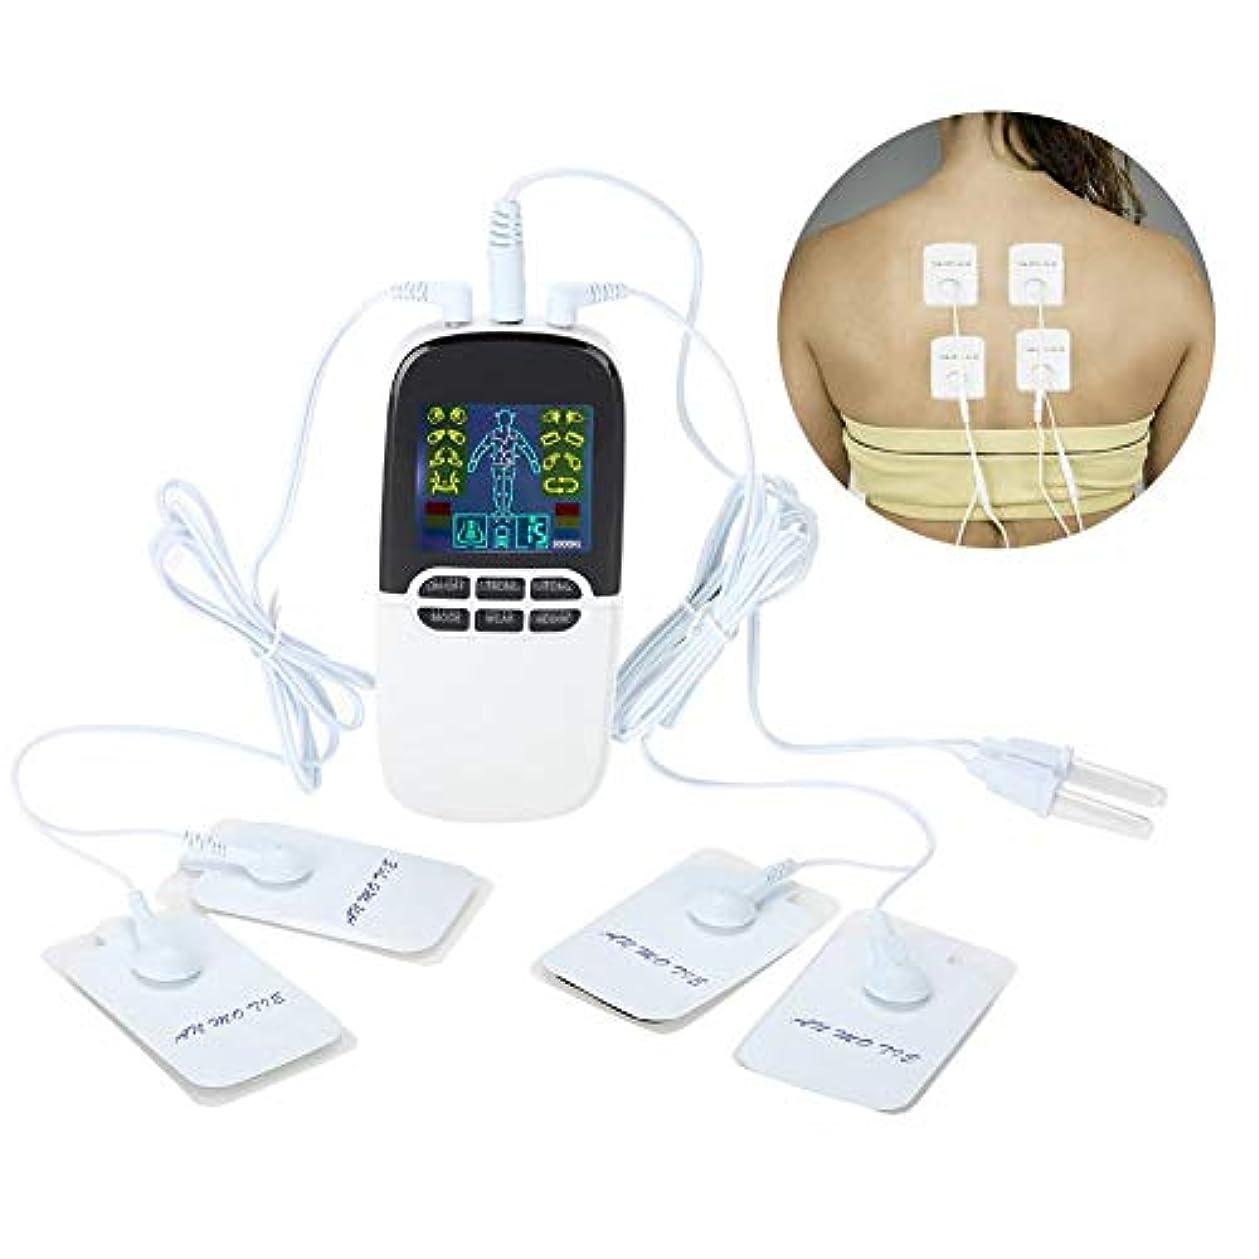 香り告白する単に携帯用子午線のマッサージャー、電子筋肉はヘルパーボディ痛みの軽減のデジタル脈拍装置ヘルスケア用具を緩めます